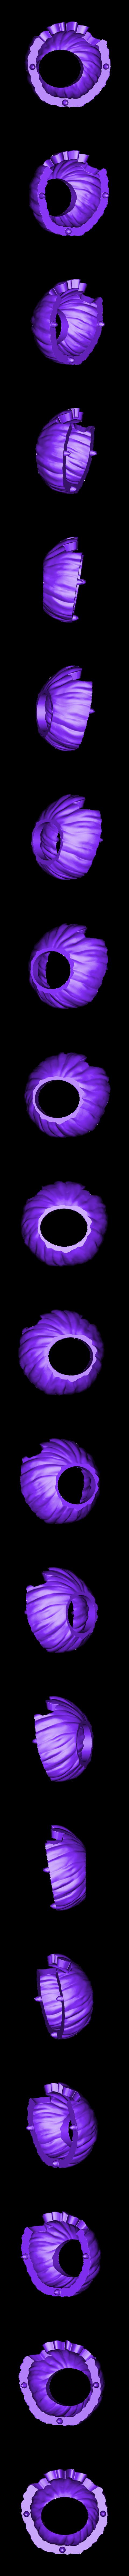 bottomhalf.stl Télécharger fichier STL gratuit Bat-o'-lanterne de chauve-souris • Design à imprimer en 3D, 3DJourney